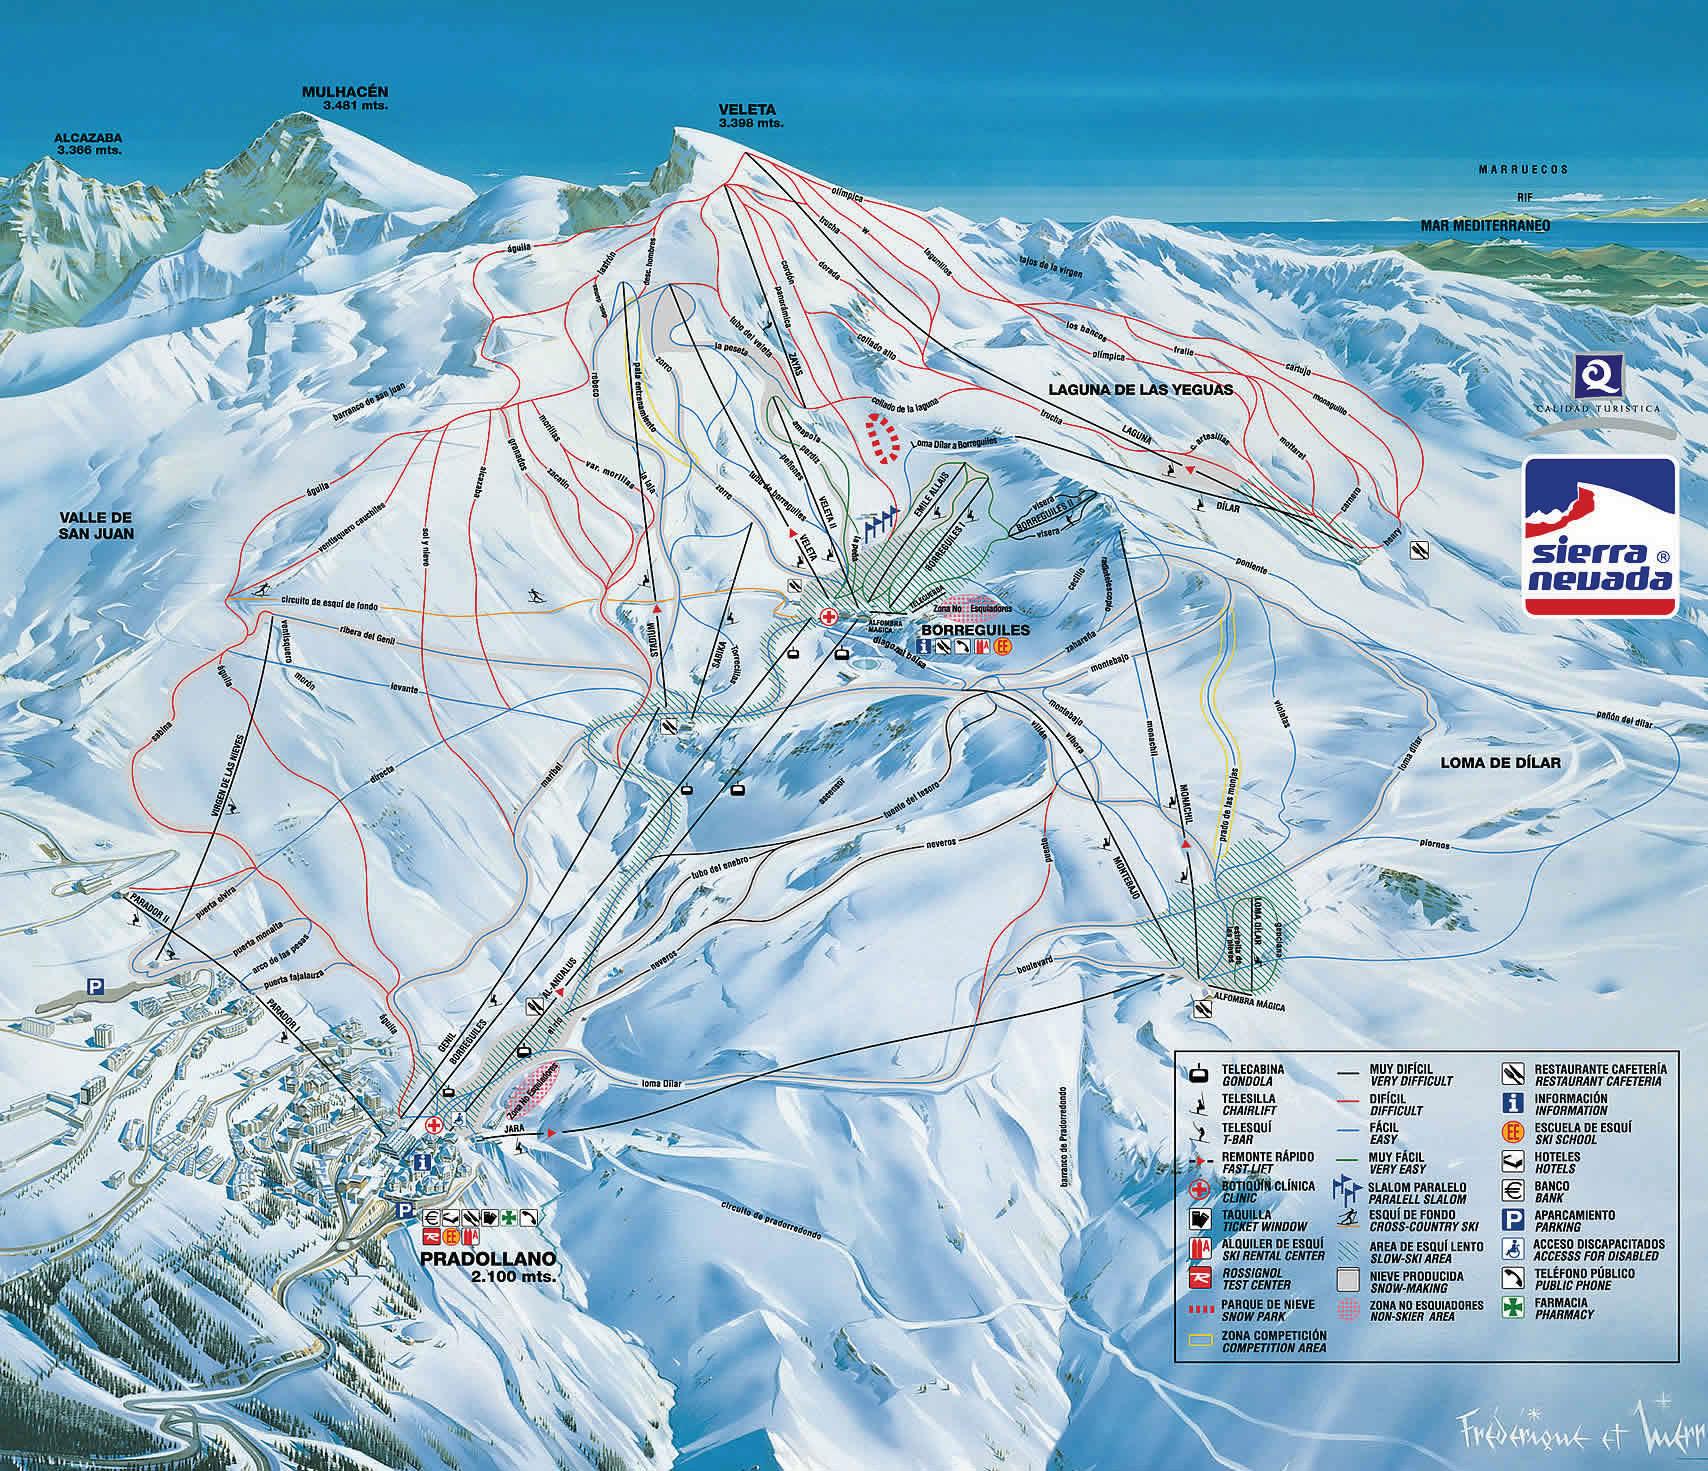 Схема лыжных трасс на склонах Сьера Невада